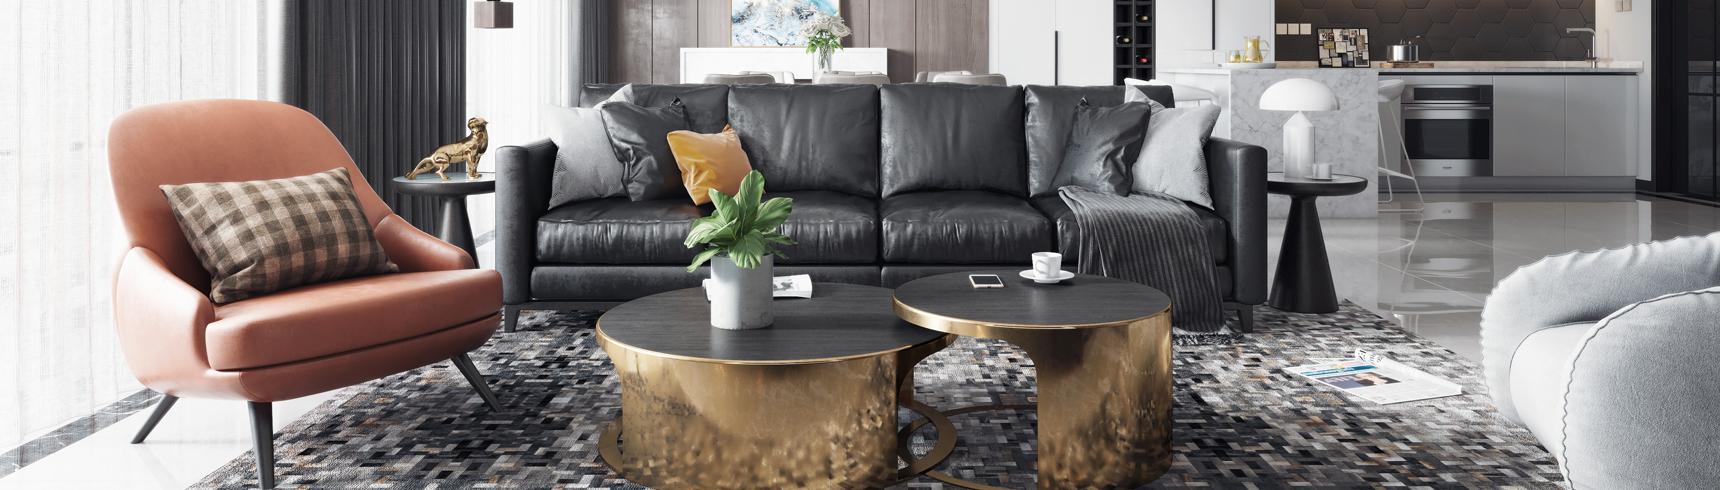 现代客厅餐厅 沙发茶几 吊灯 挂画 餐桌椅3D模型下载